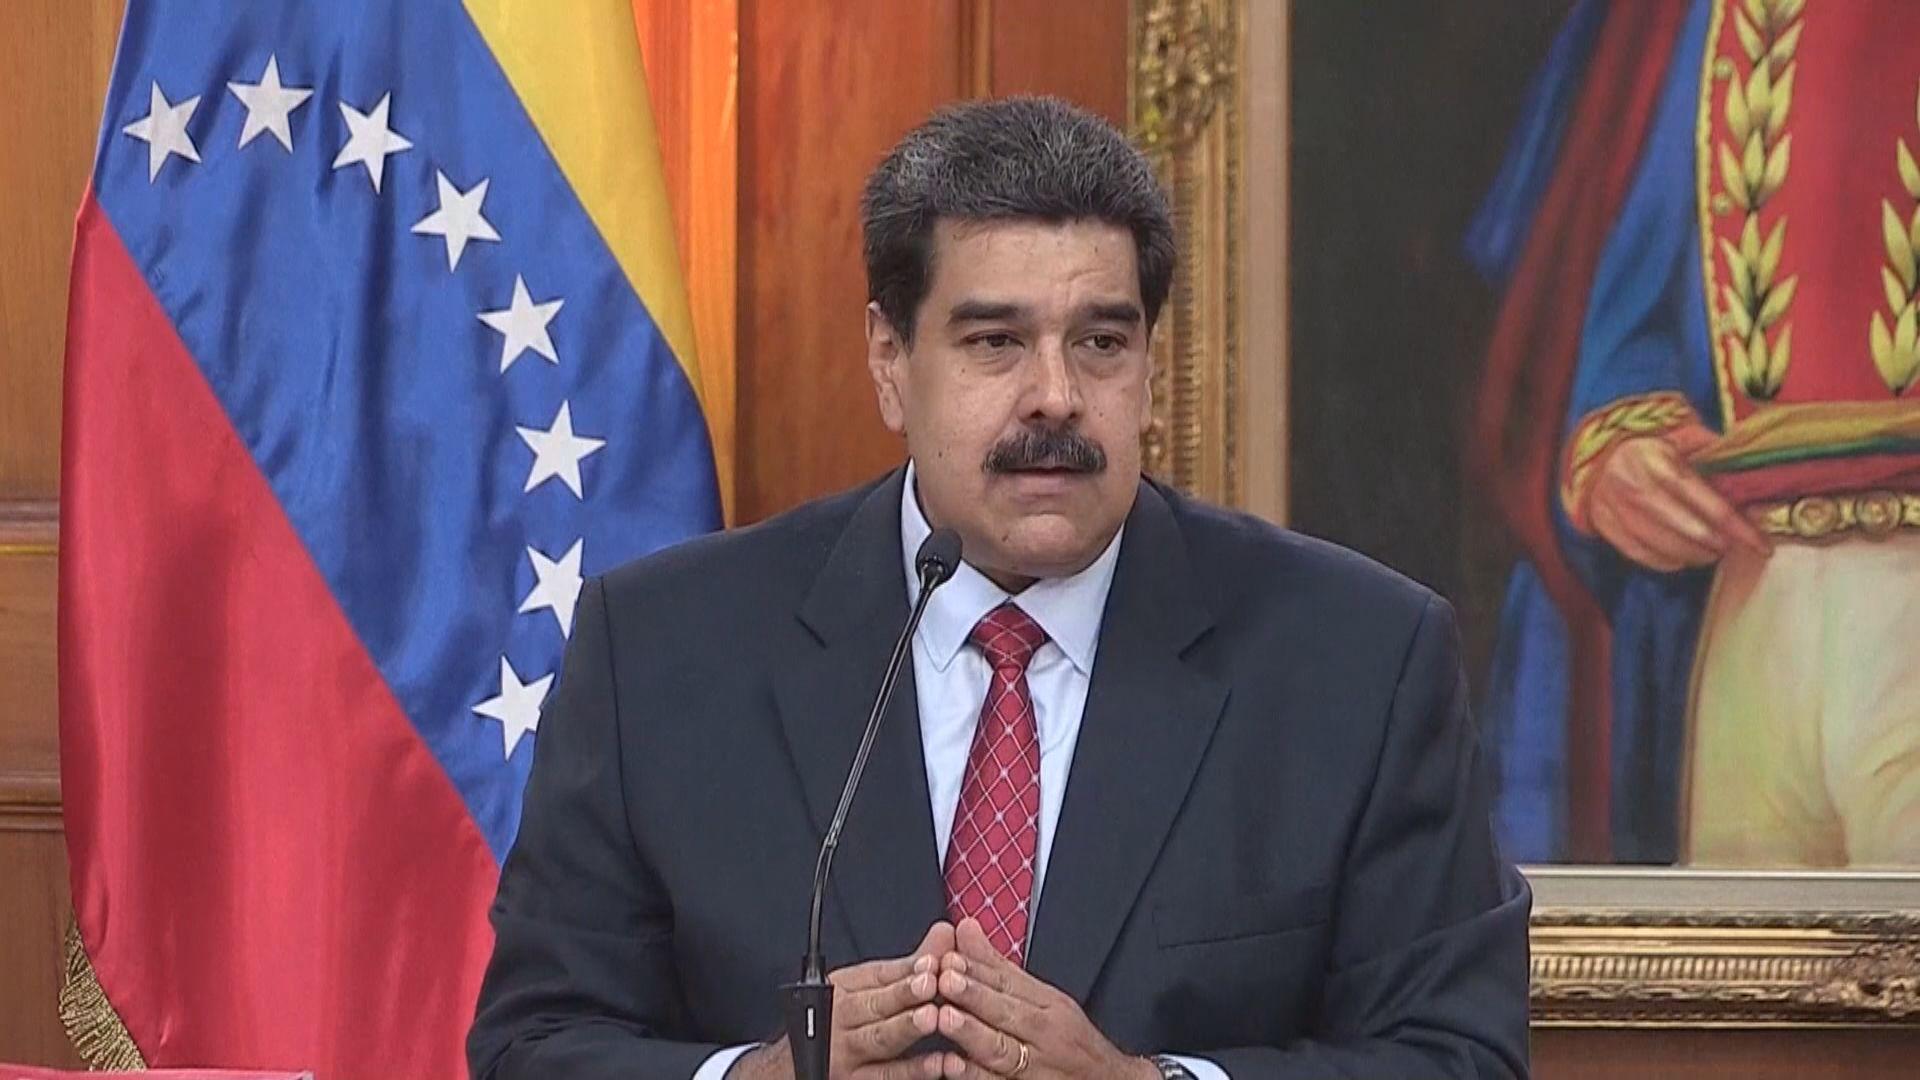 馬杜羅拒八天內重新舉行大選